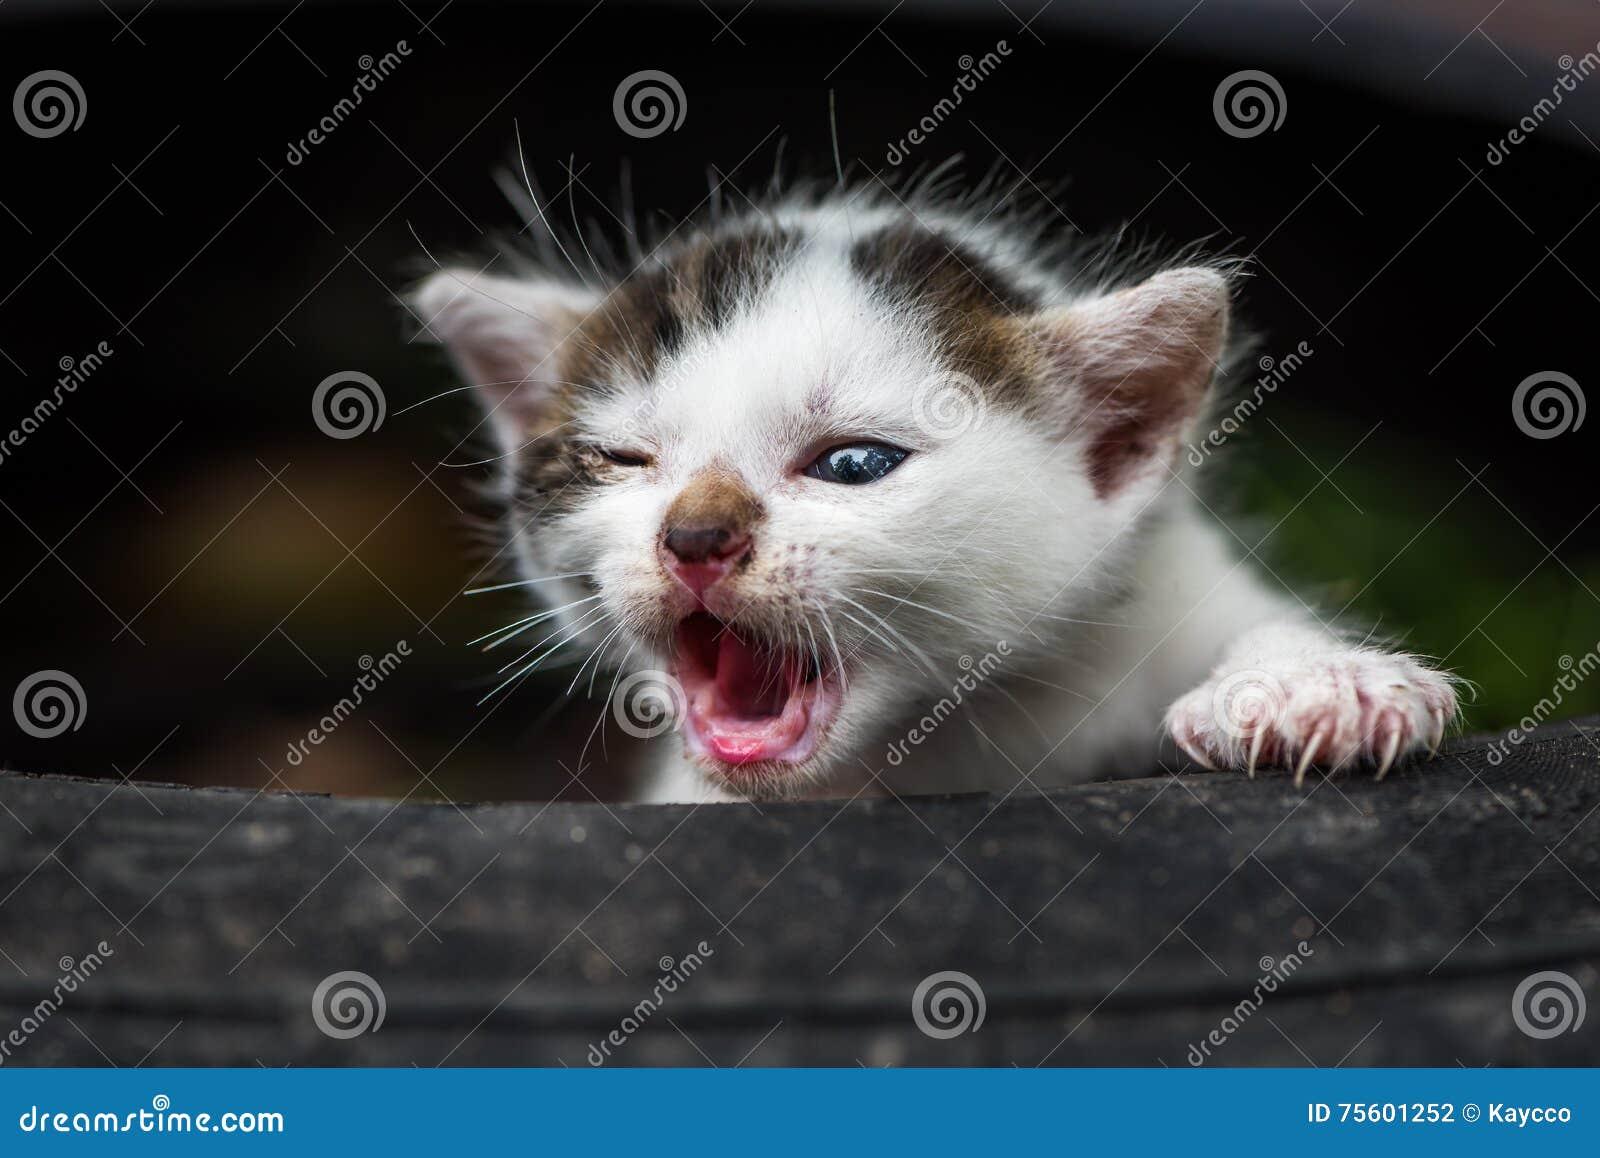 Cute Little Baby Cat